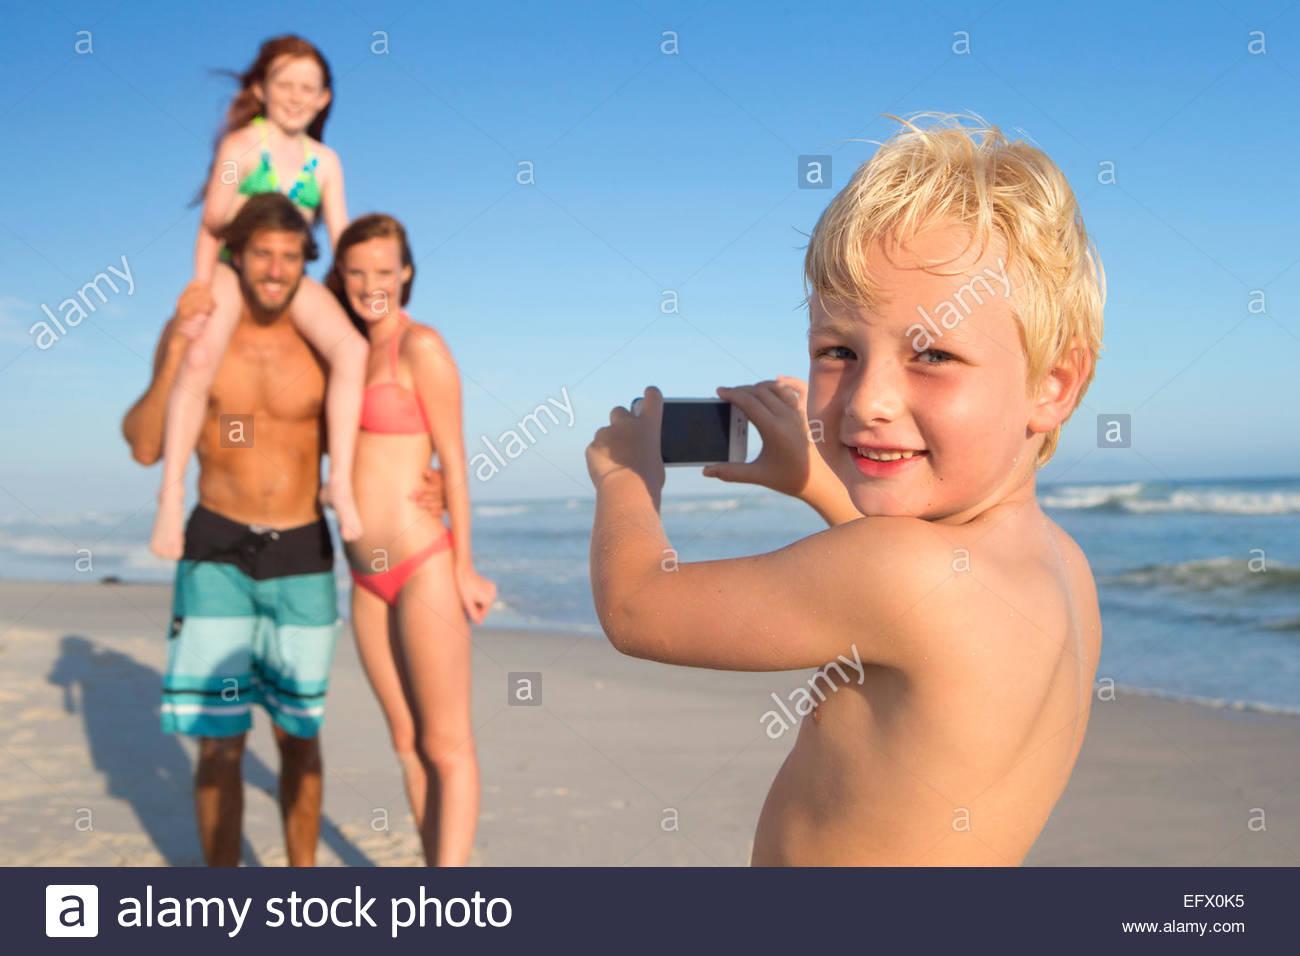 Junge, lächelnd in die Kamera, Aufnahme der Familie am Sonnenstrand Stockbild